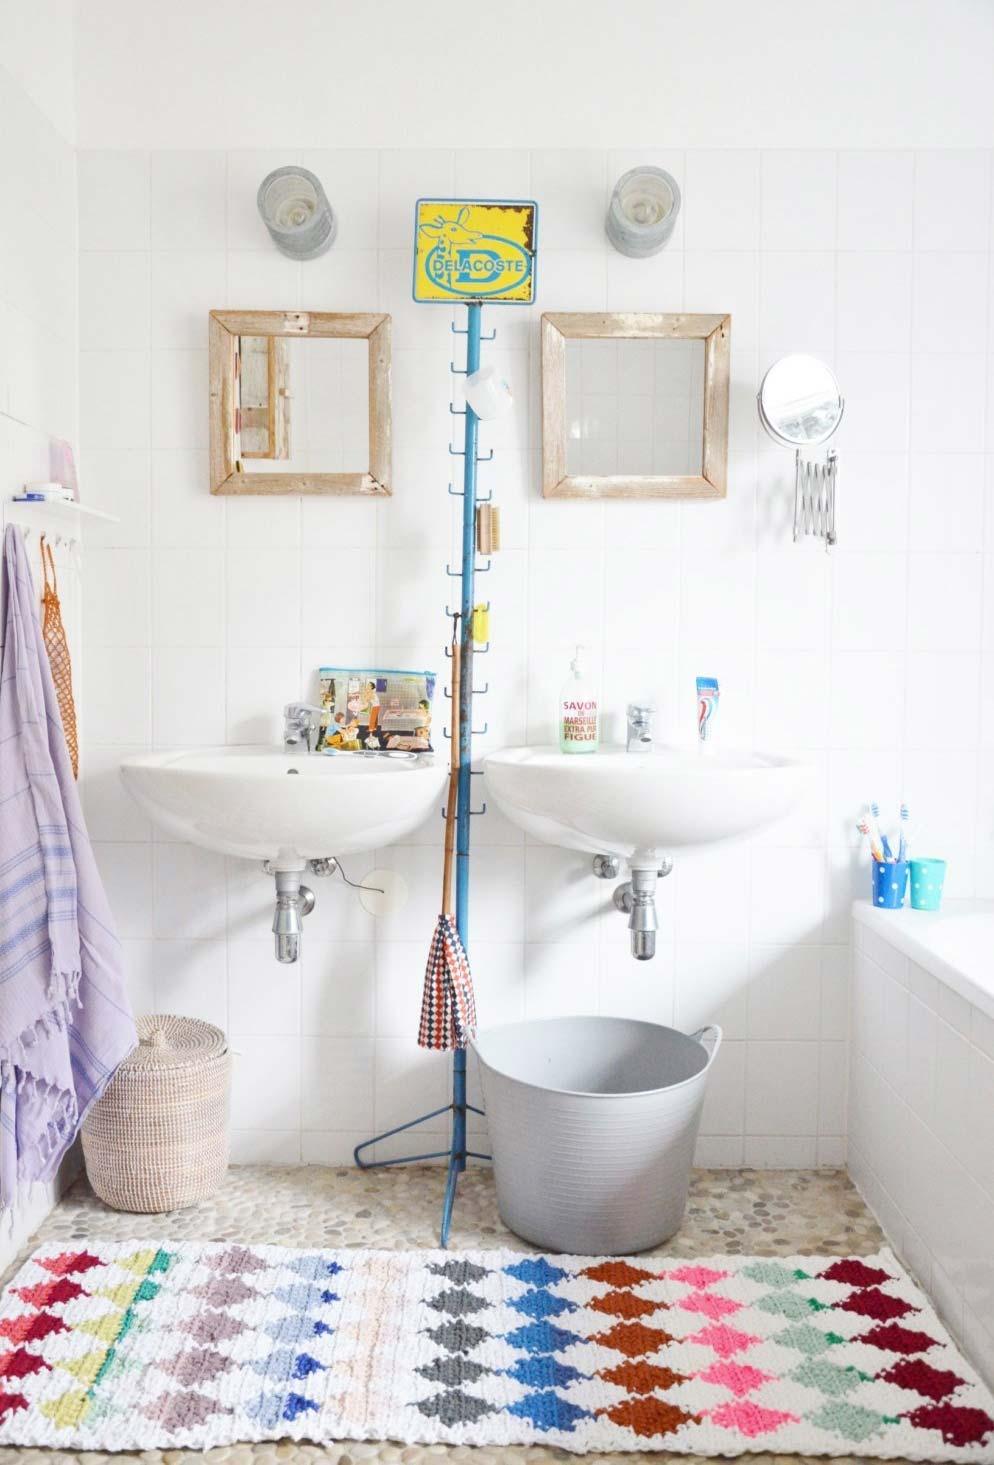 uma passadeira de crochê faz a função tripla para as duas pias e a banheira